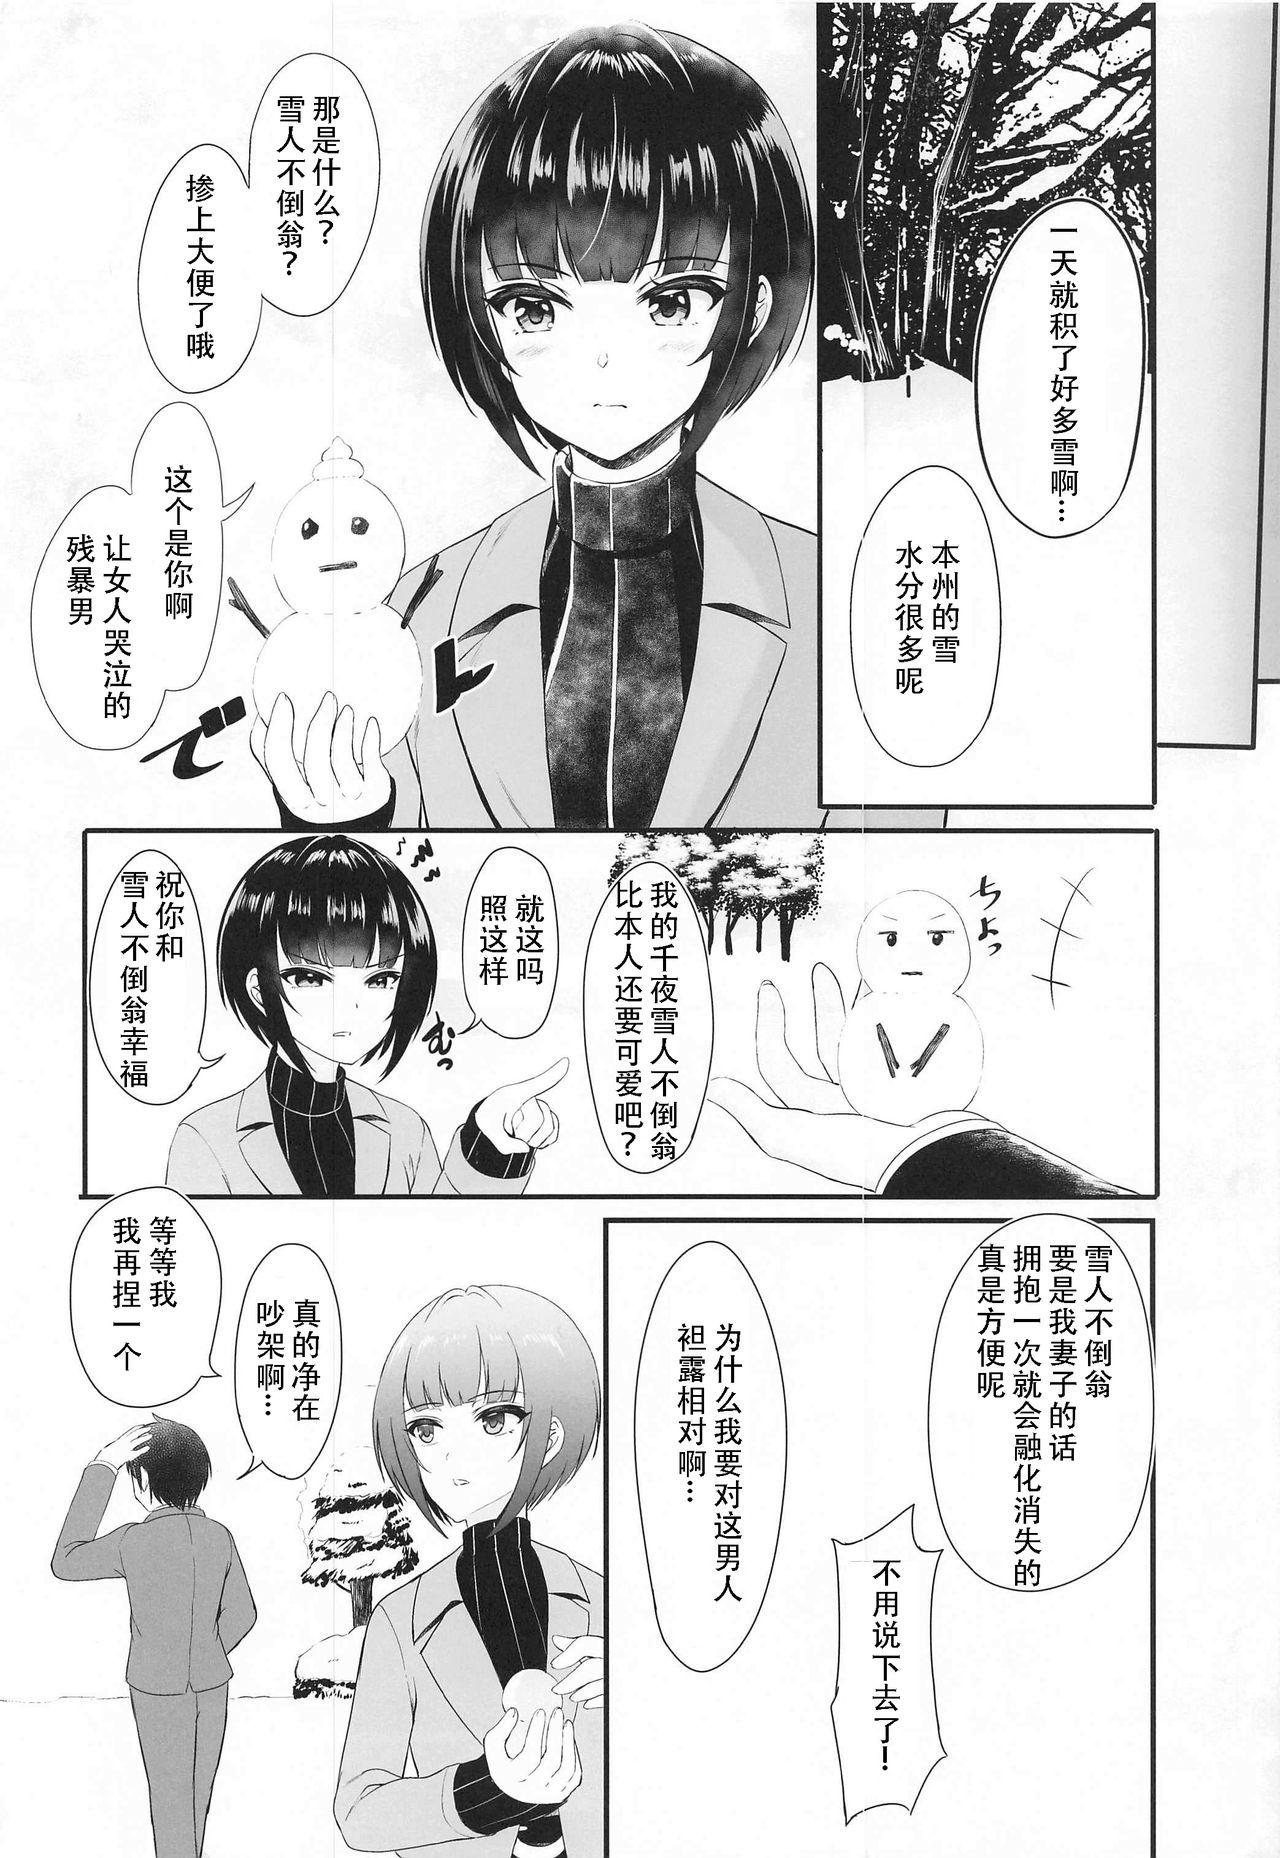 Koi no Maho to Shirayukihime 21